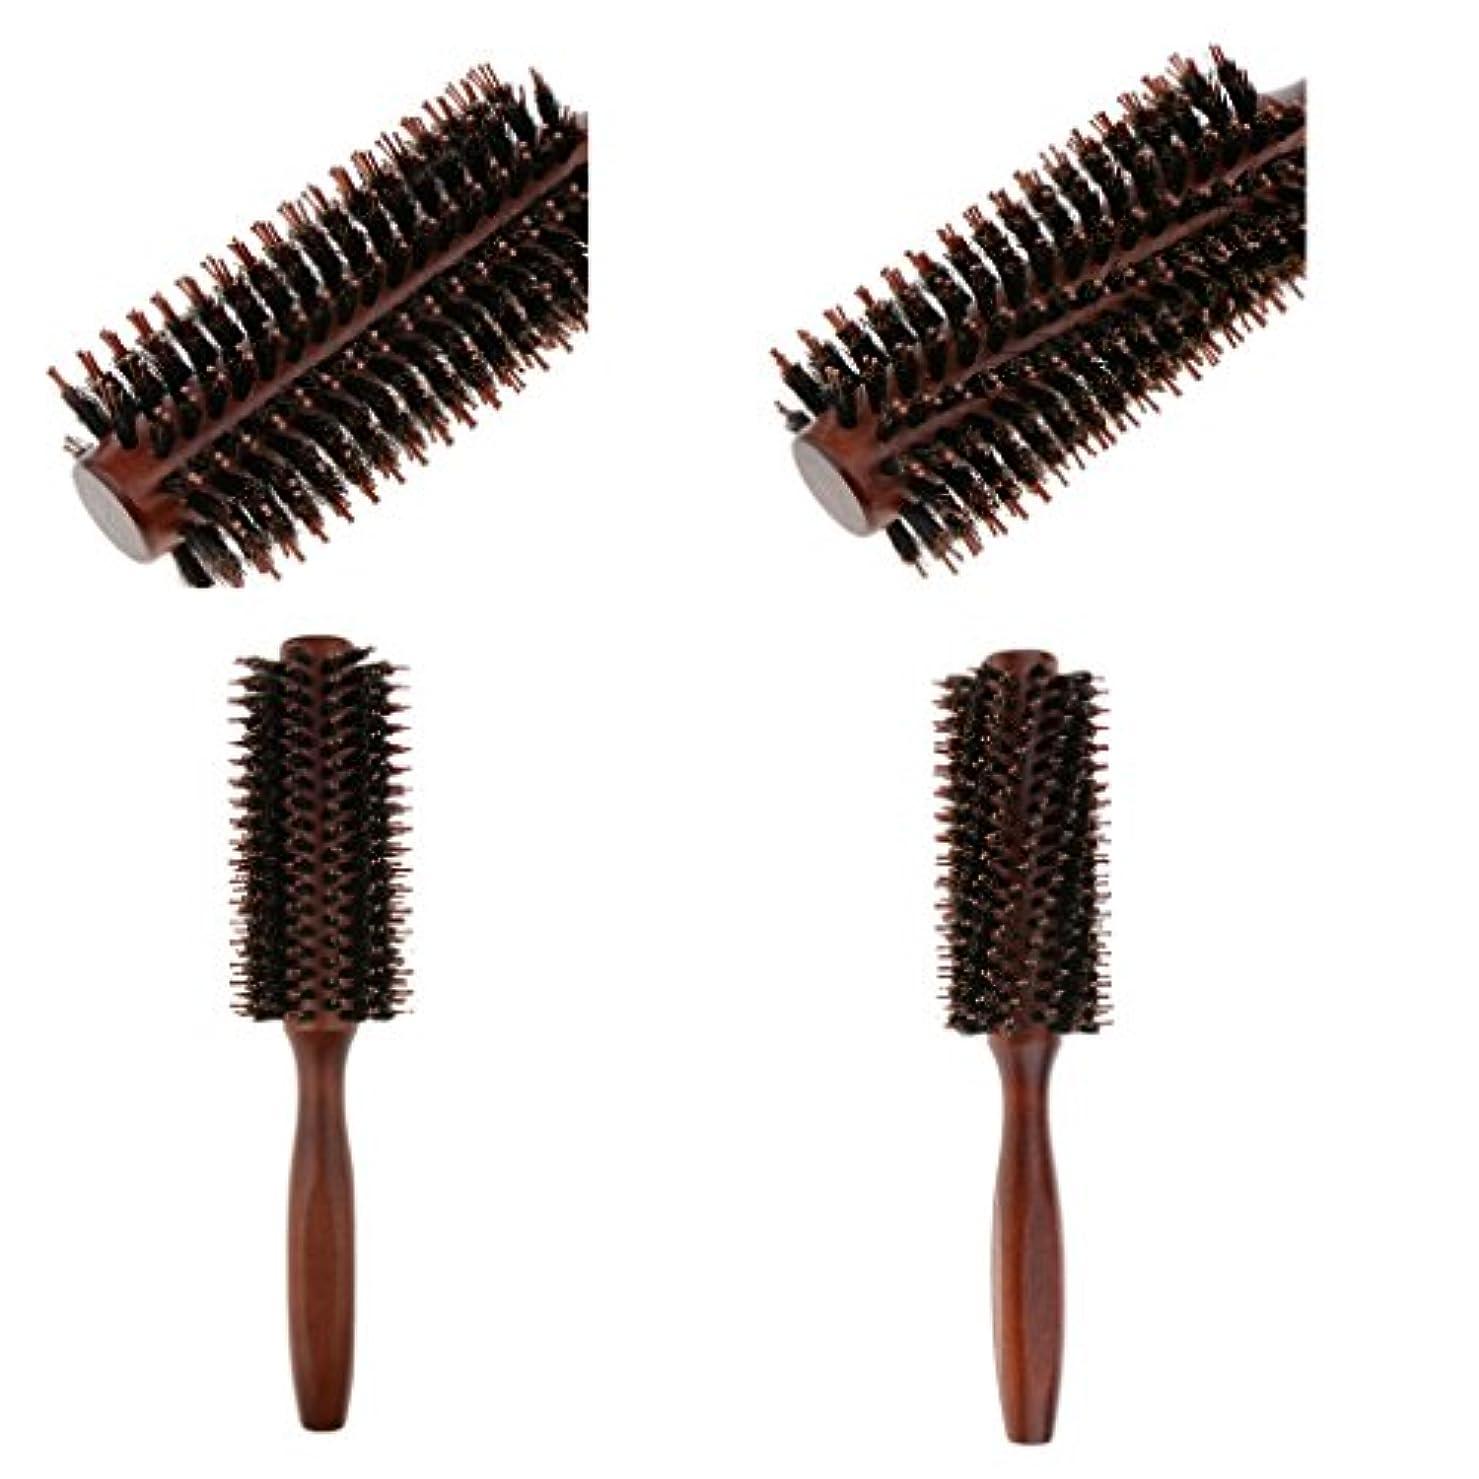 数合計コンピューターを使用するToygogo 2ピース/個木製ハンドル剛毛ナイロンヘアケアラウンドブラシアンチ脱毛コーム